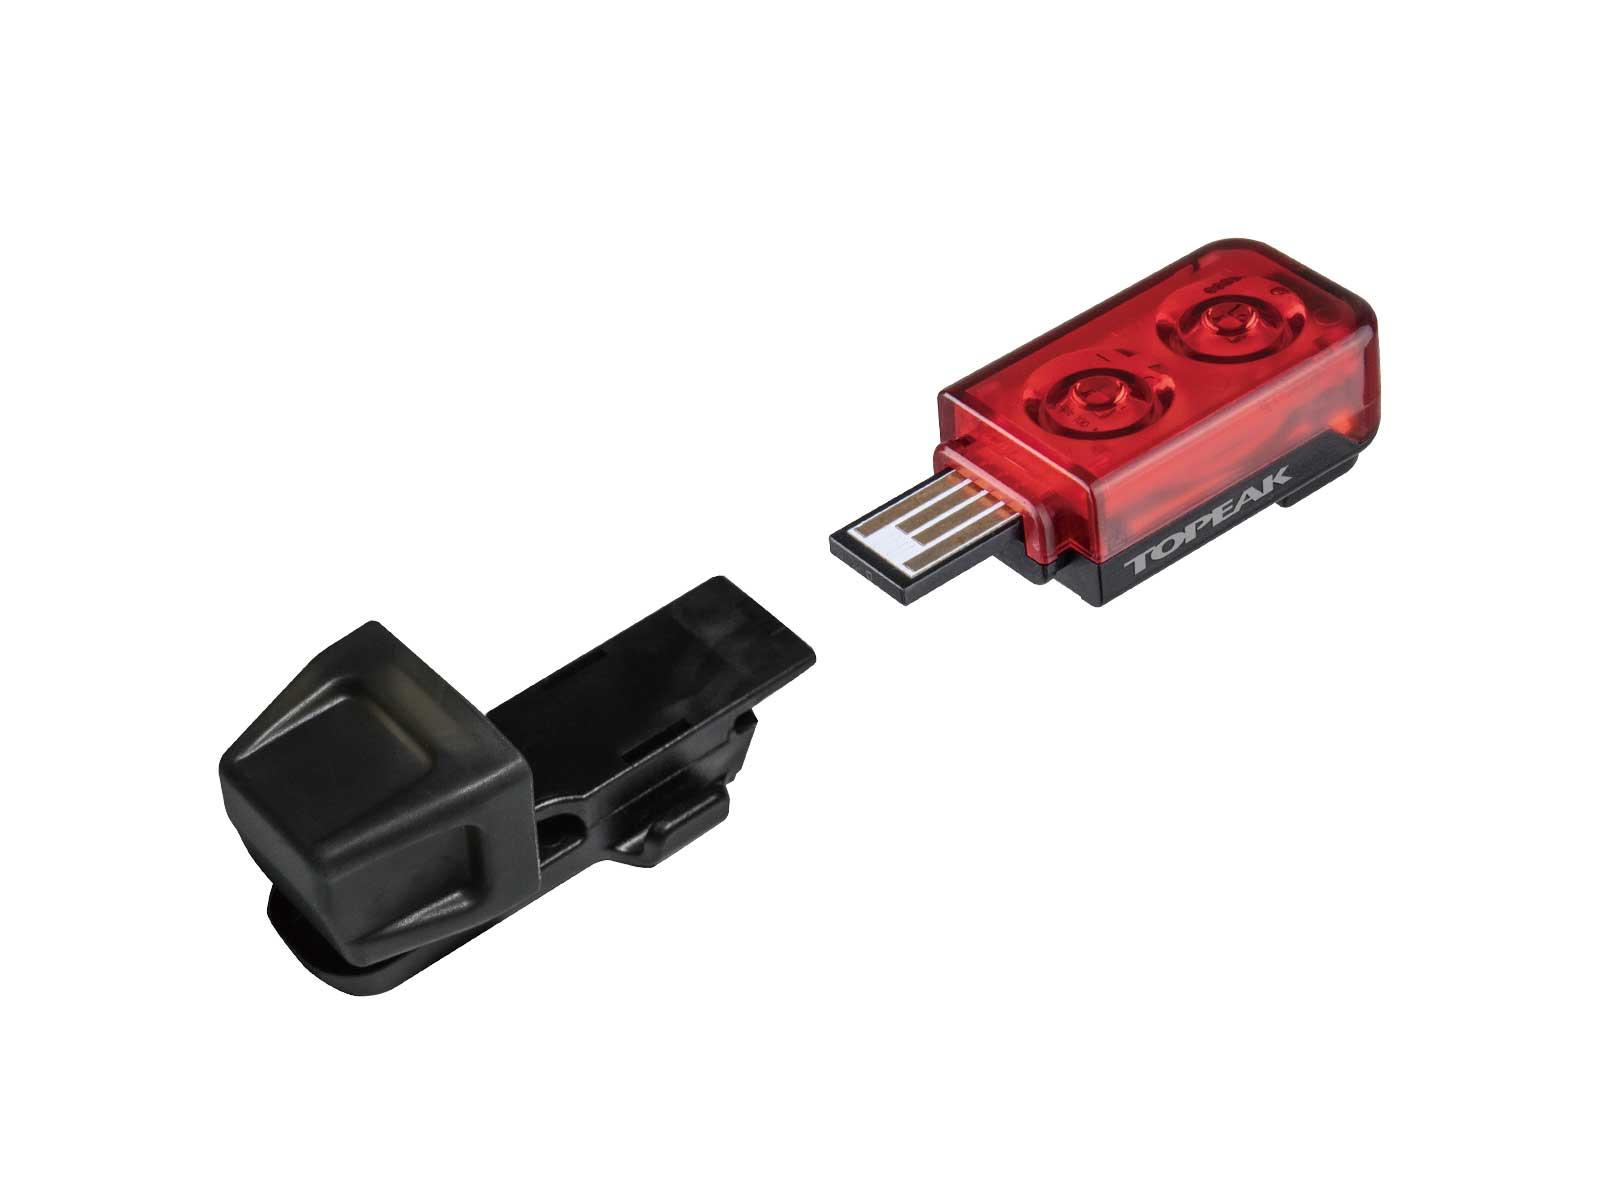 TAILLUX 25 USB